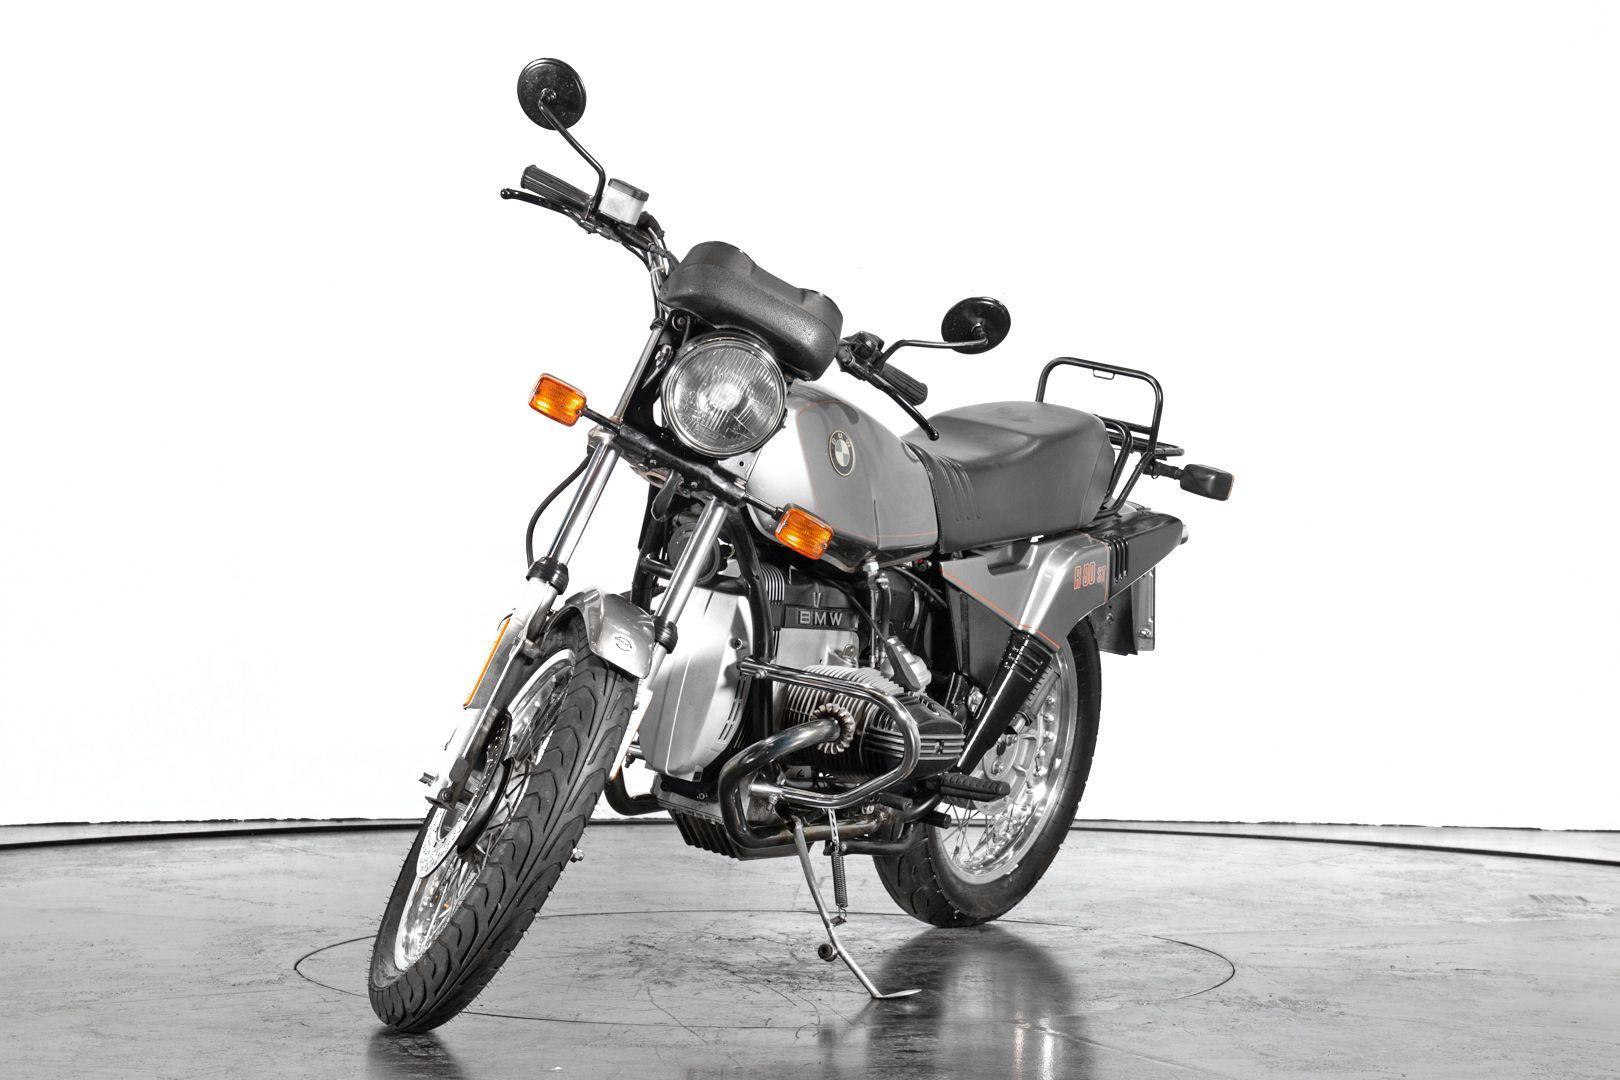 1983 Bmw R80 ST 41322